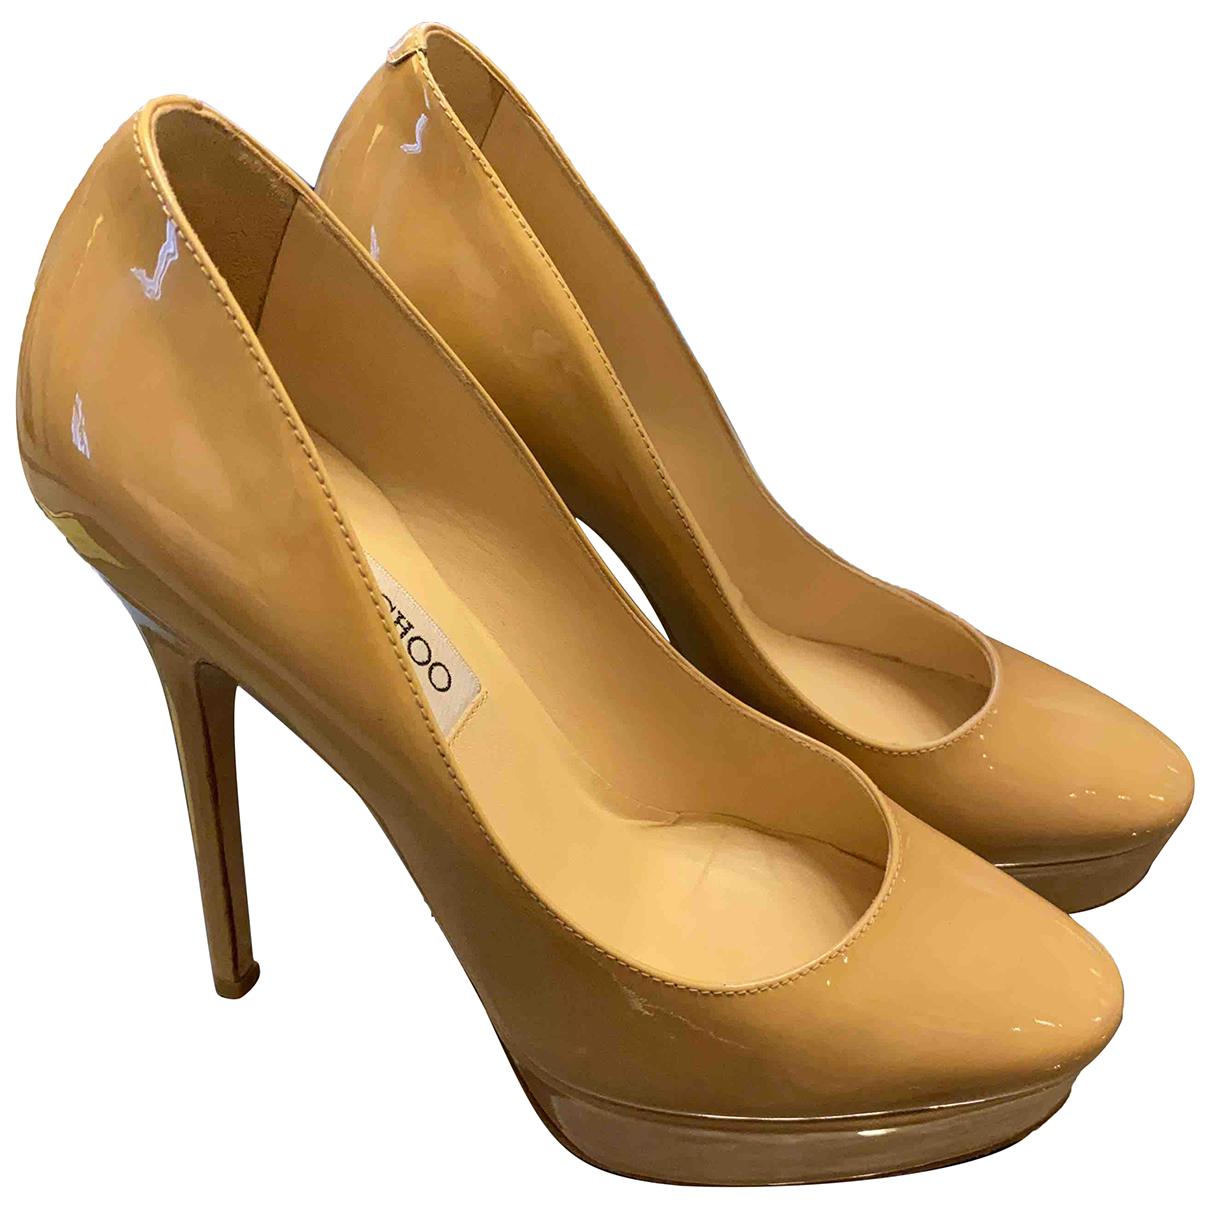 Jimmy Choo Esme Beige Patent leather Heels for Women 36 EU